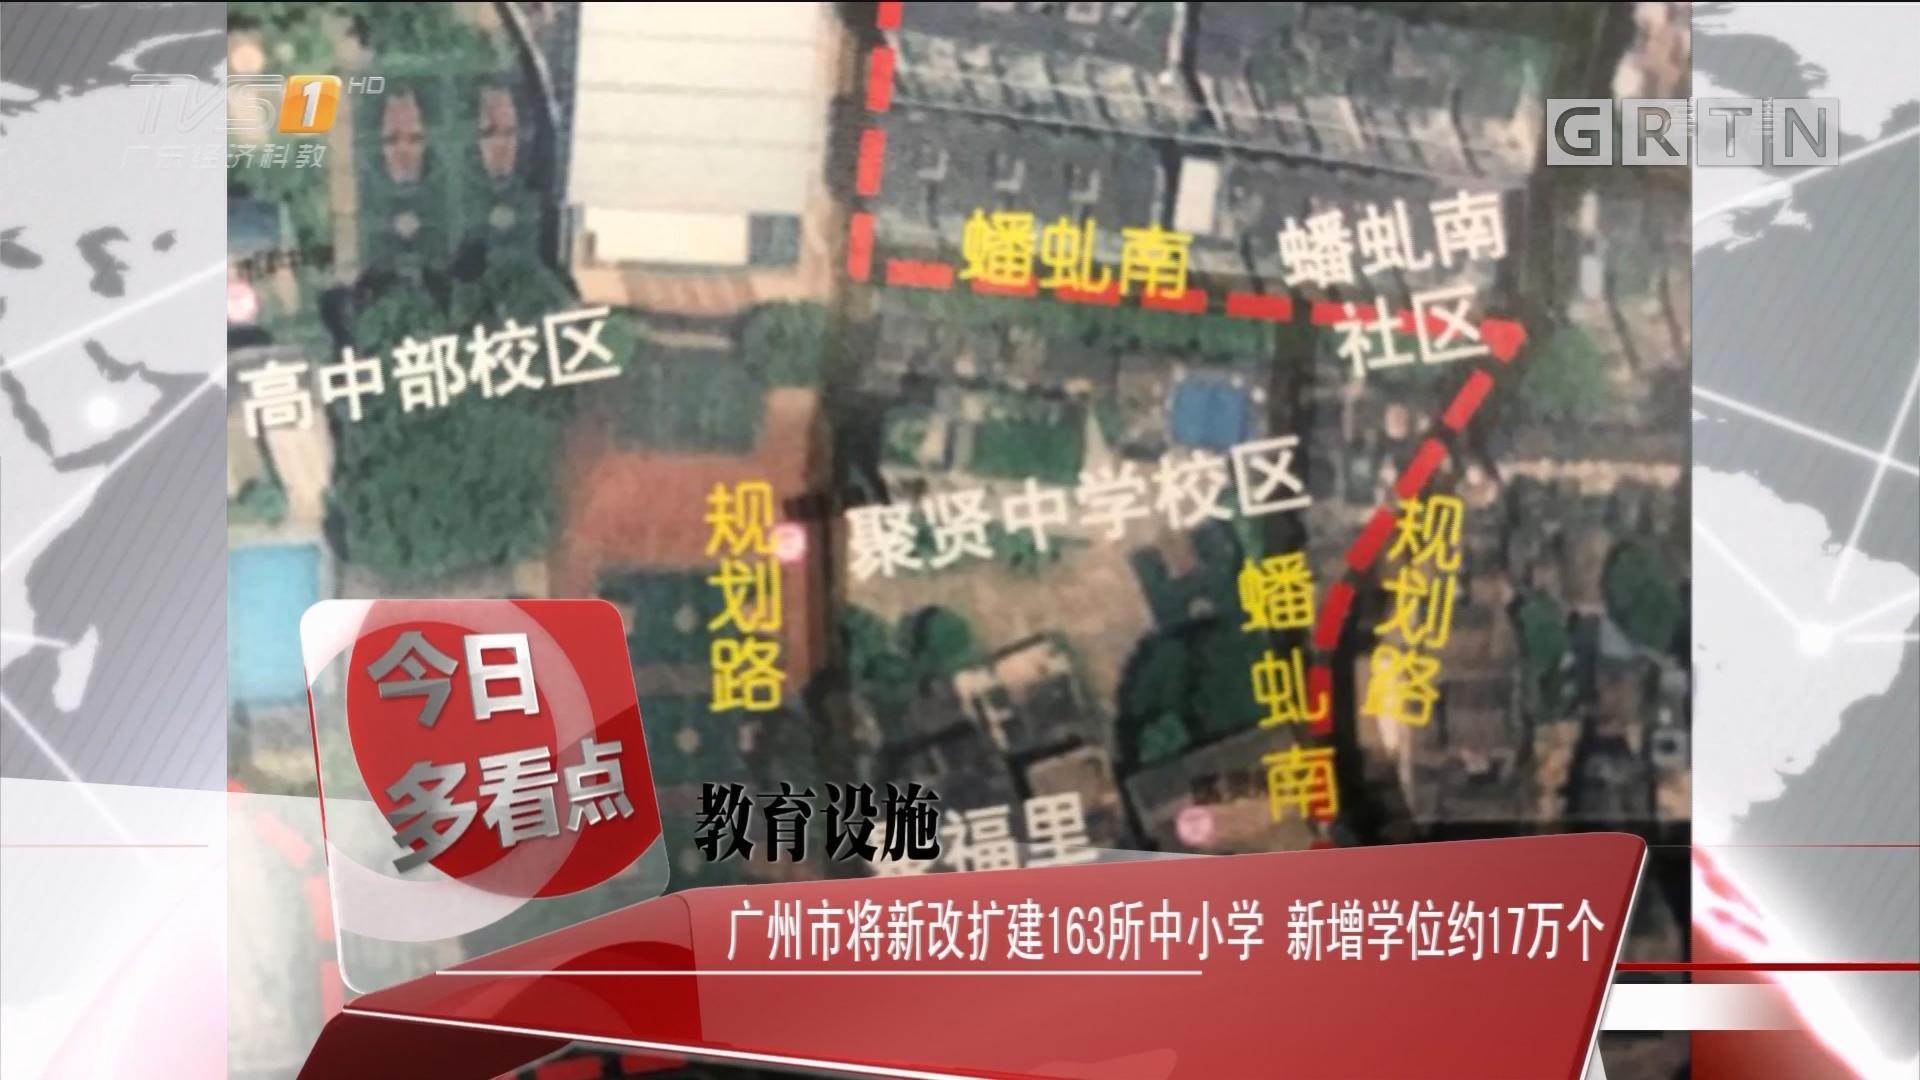 教育设施:广州市将新改扩建163所中小学 新增学位约17万个